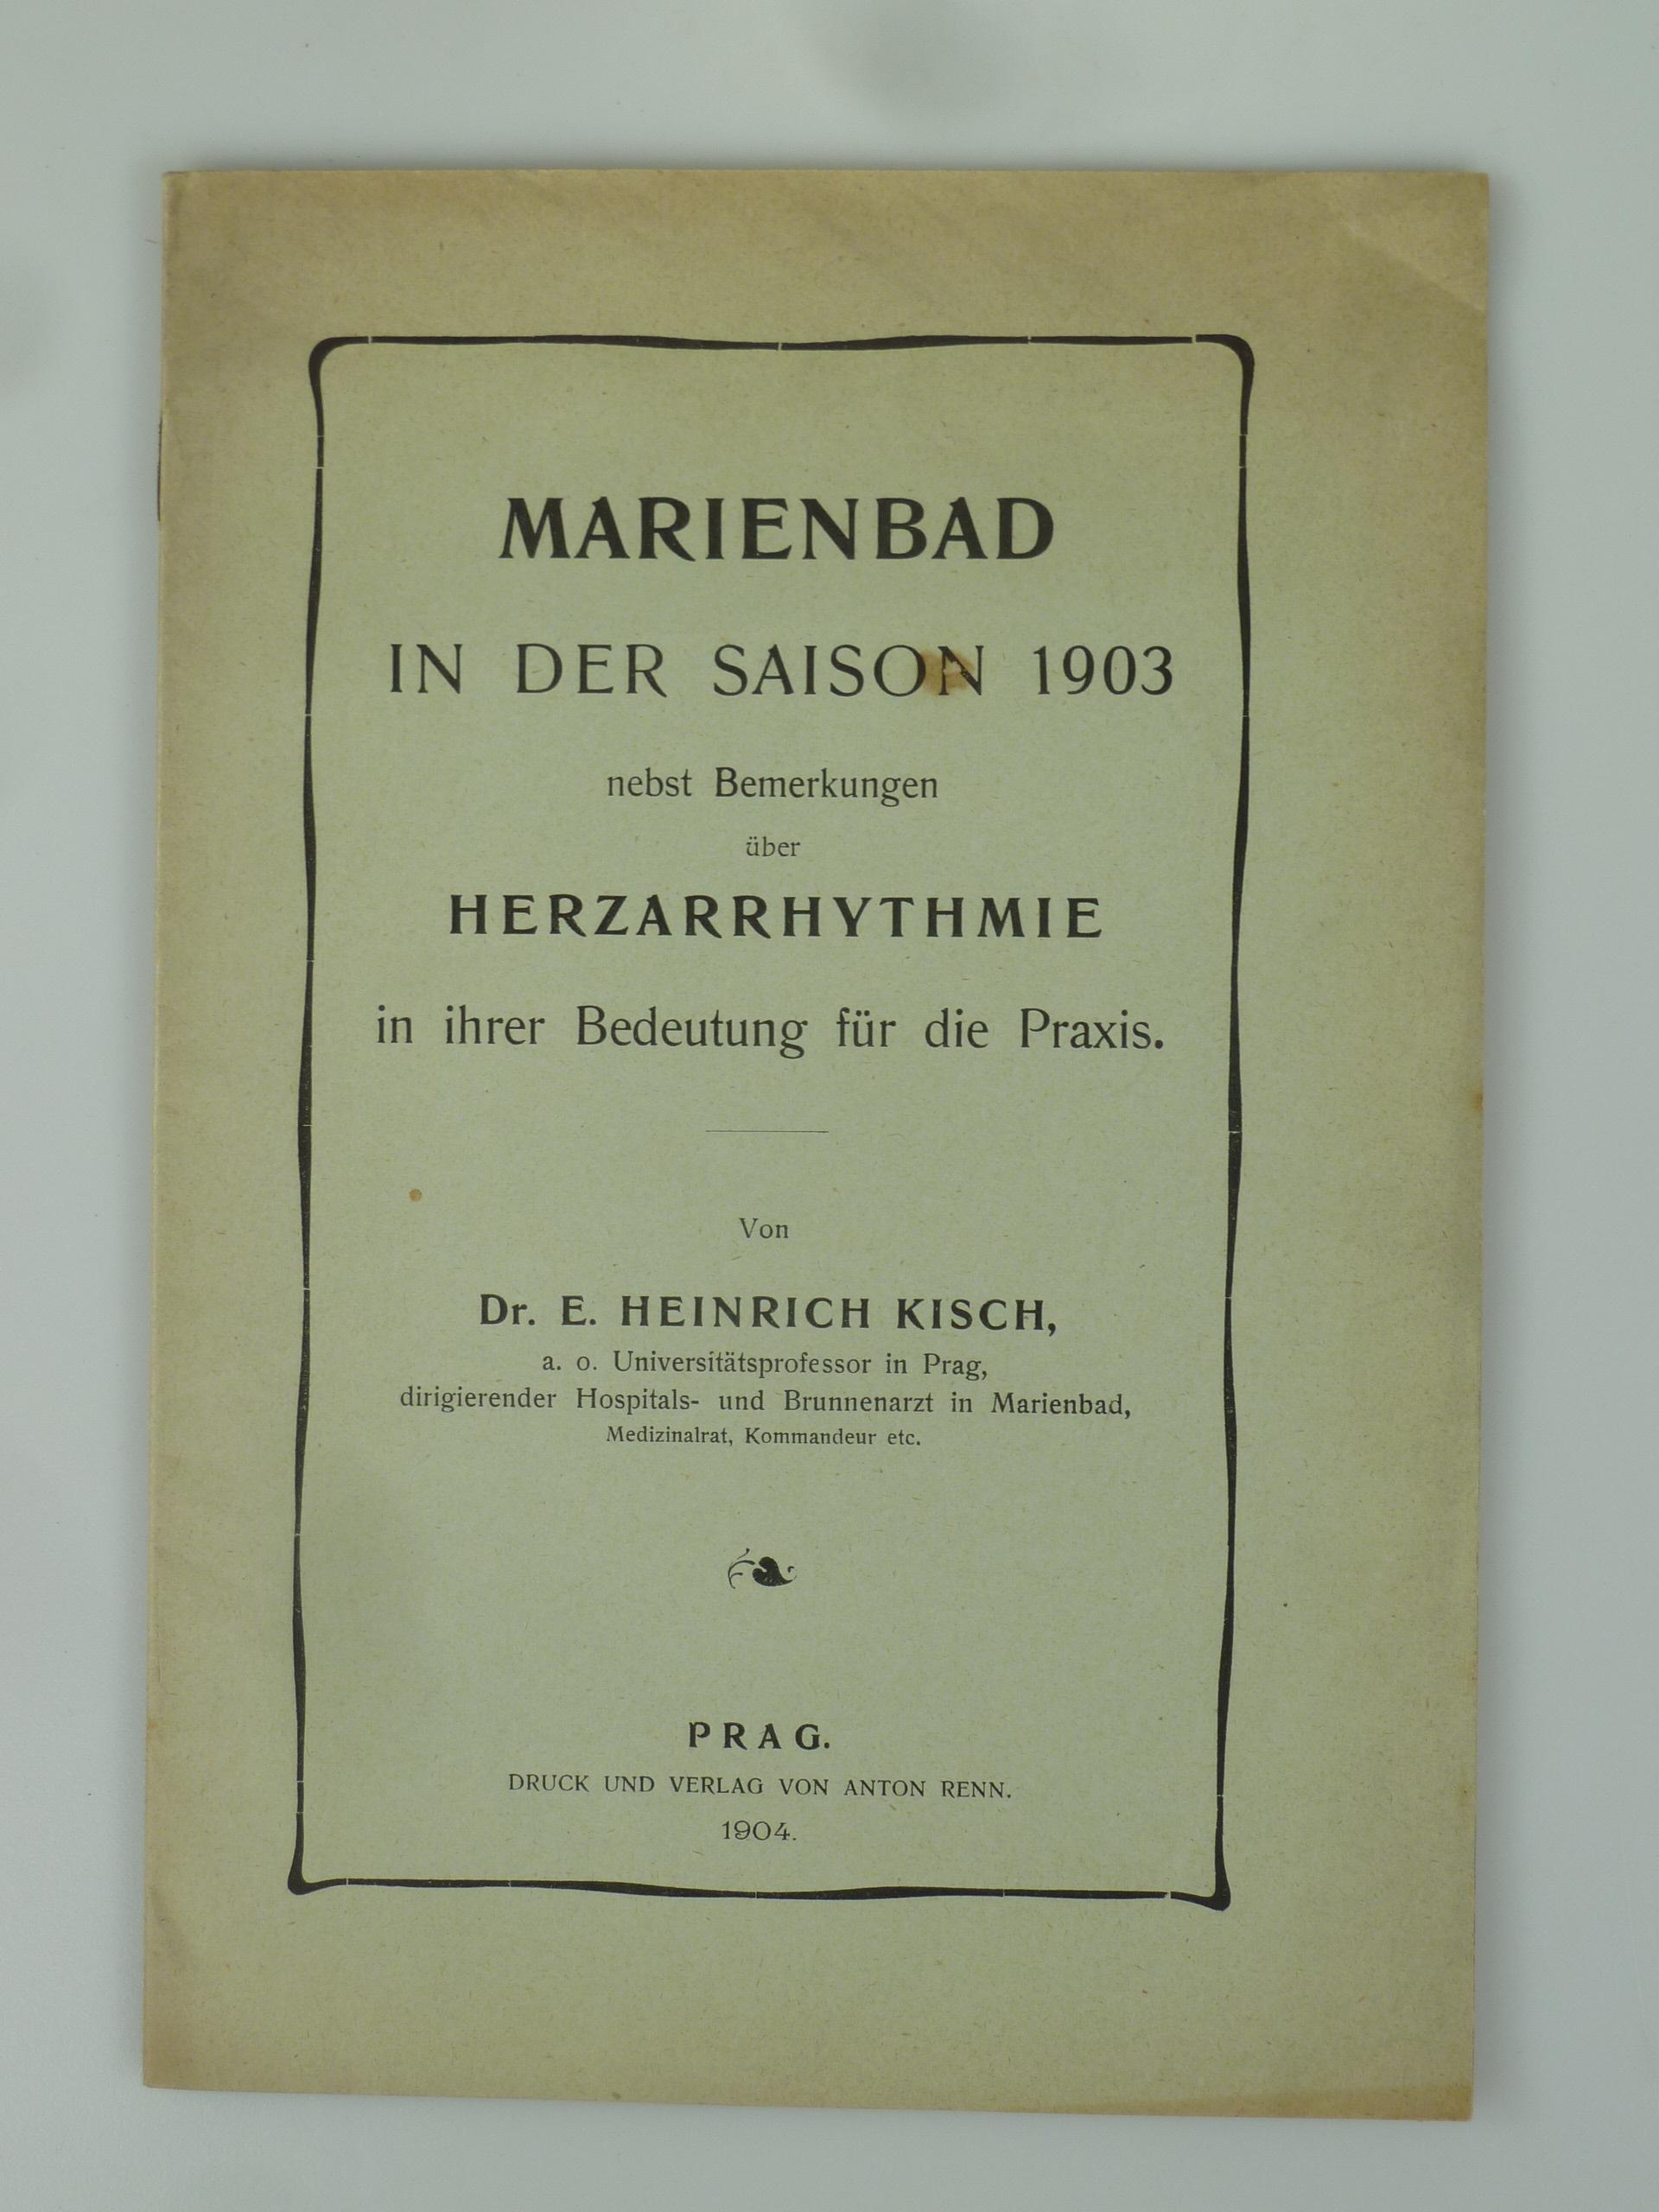 Marienbad in der Saison 1903 nebst Bemerkungen: KISCH, E. Heinrich.